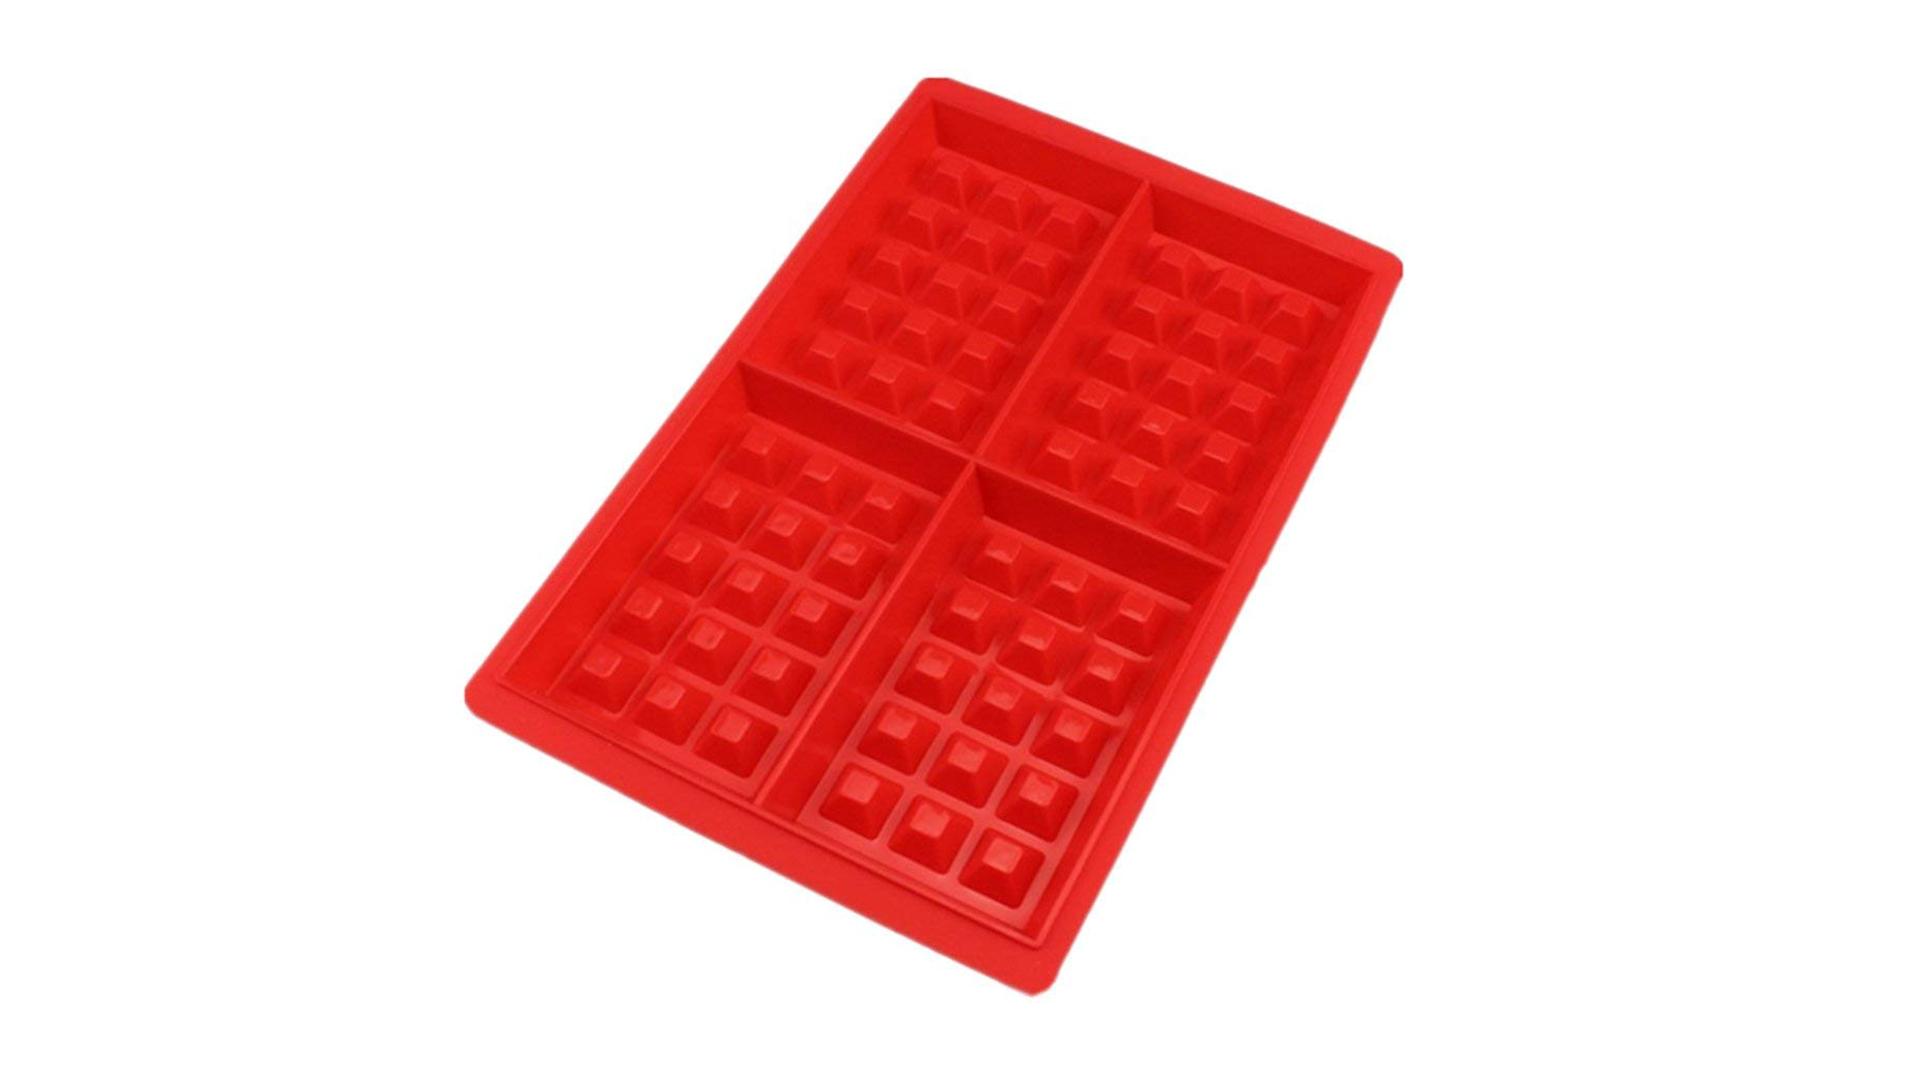 4 полости силиконовые вафельные формы для выпечки прессформы для выпечки плесень для торт шоколада конфеты мыло DH-силиконовые